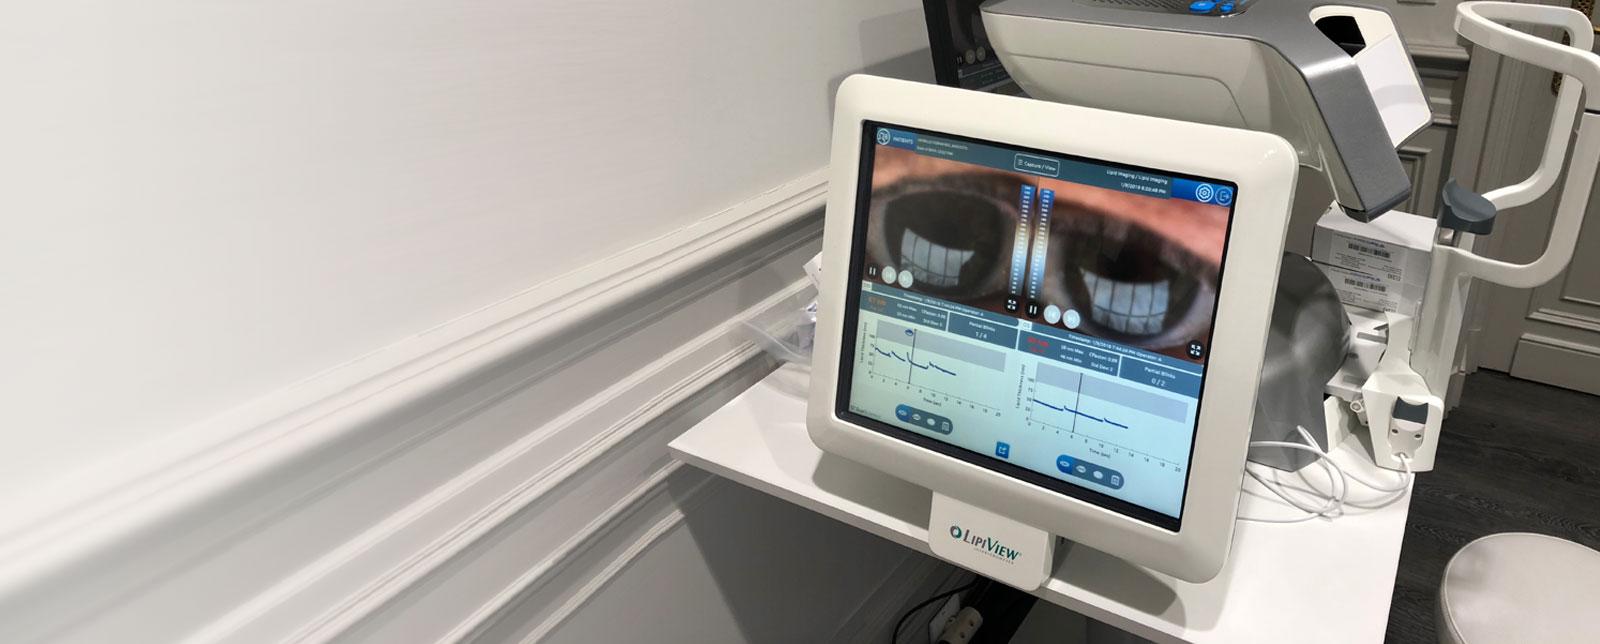 clinica-oftalmologica-lipiflow